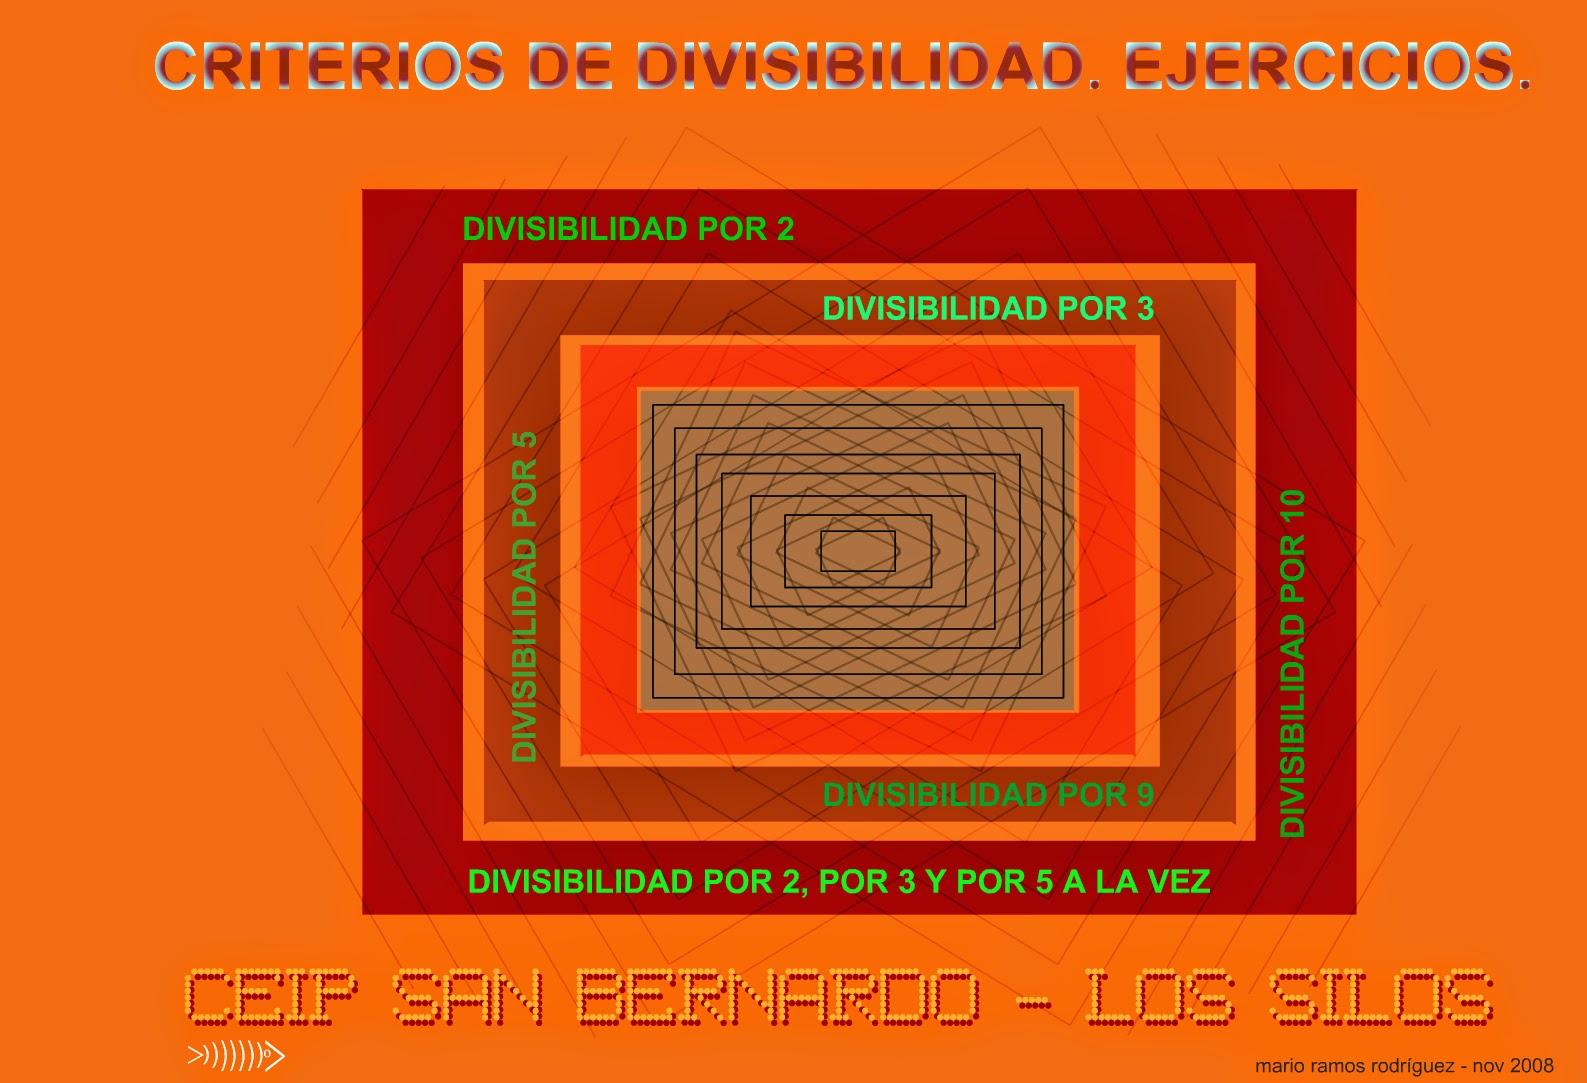 http://www3.gobiernodecanarias.org/medusa/eltanquematematico/todo_mate/multiplosydivisores/divisibilidad/ejercicios/ejercicios_p.html